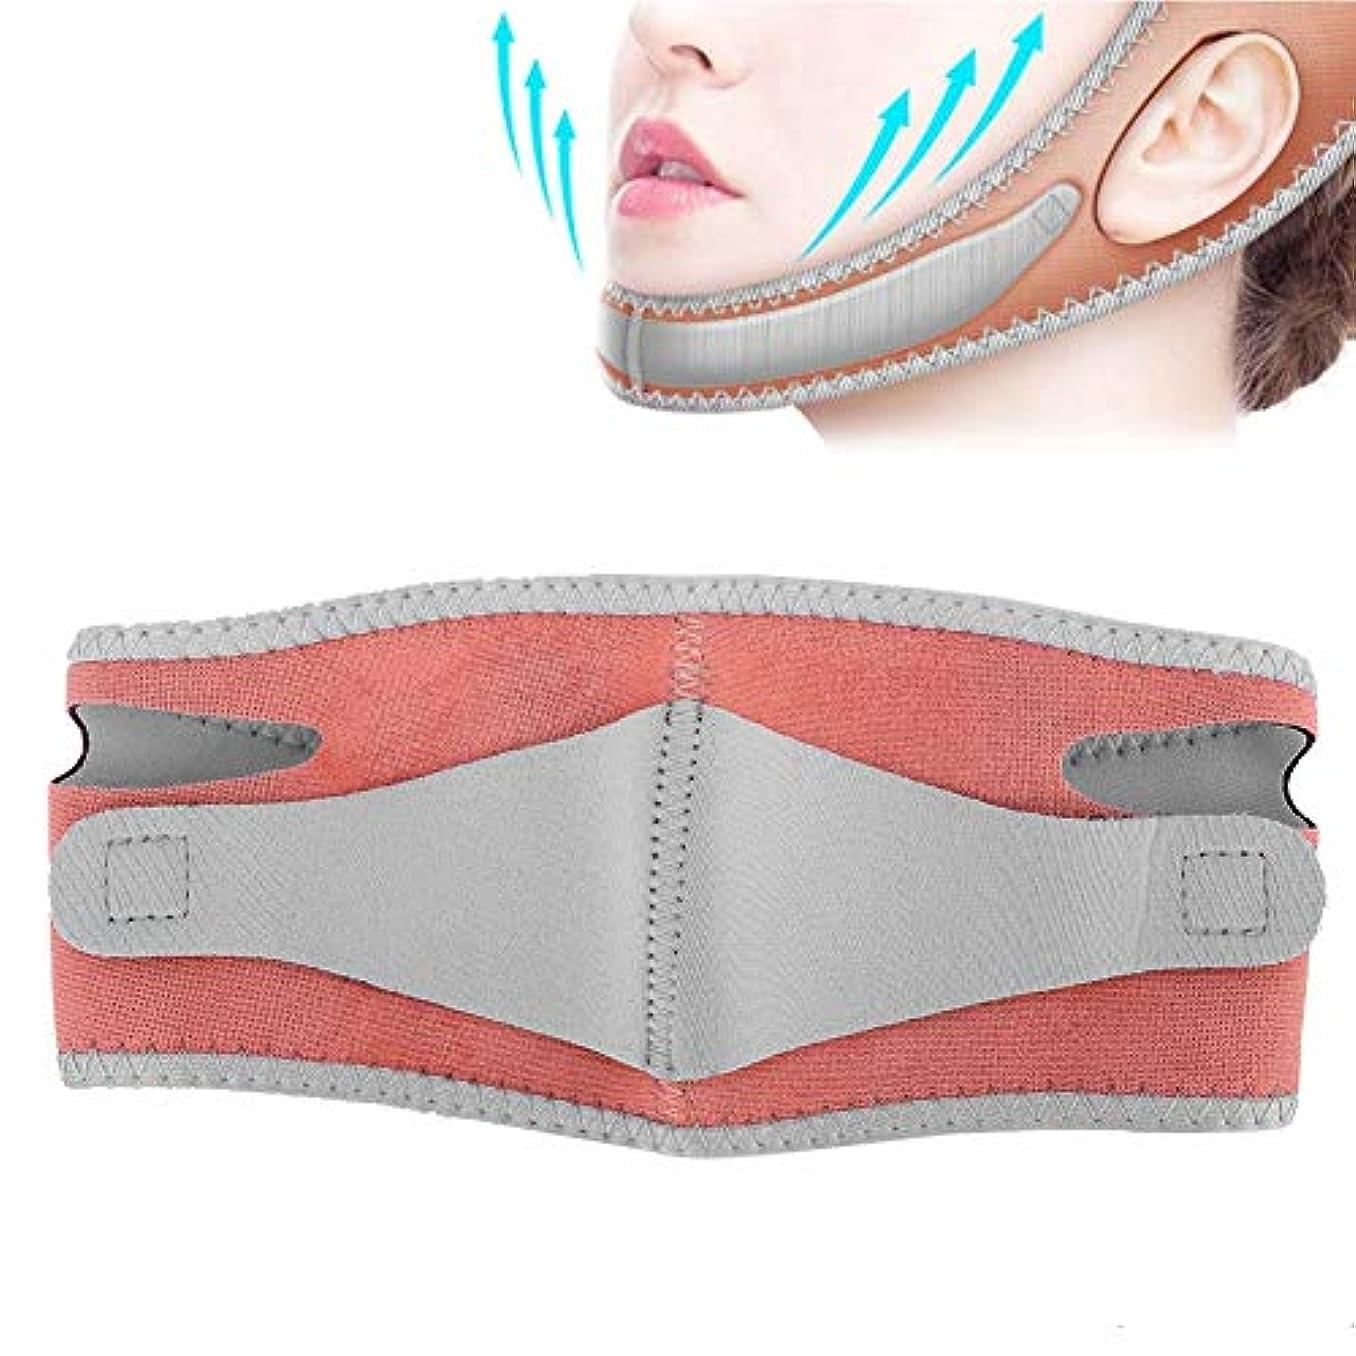 泥だらけ痴漢プラス薄い顔包帯顔、Vフェイスラインスリムダブルチンチークスリムリフトアップ引き締まった肌防止マスクあなたが顔の肌を引き締めるのに役立ちます